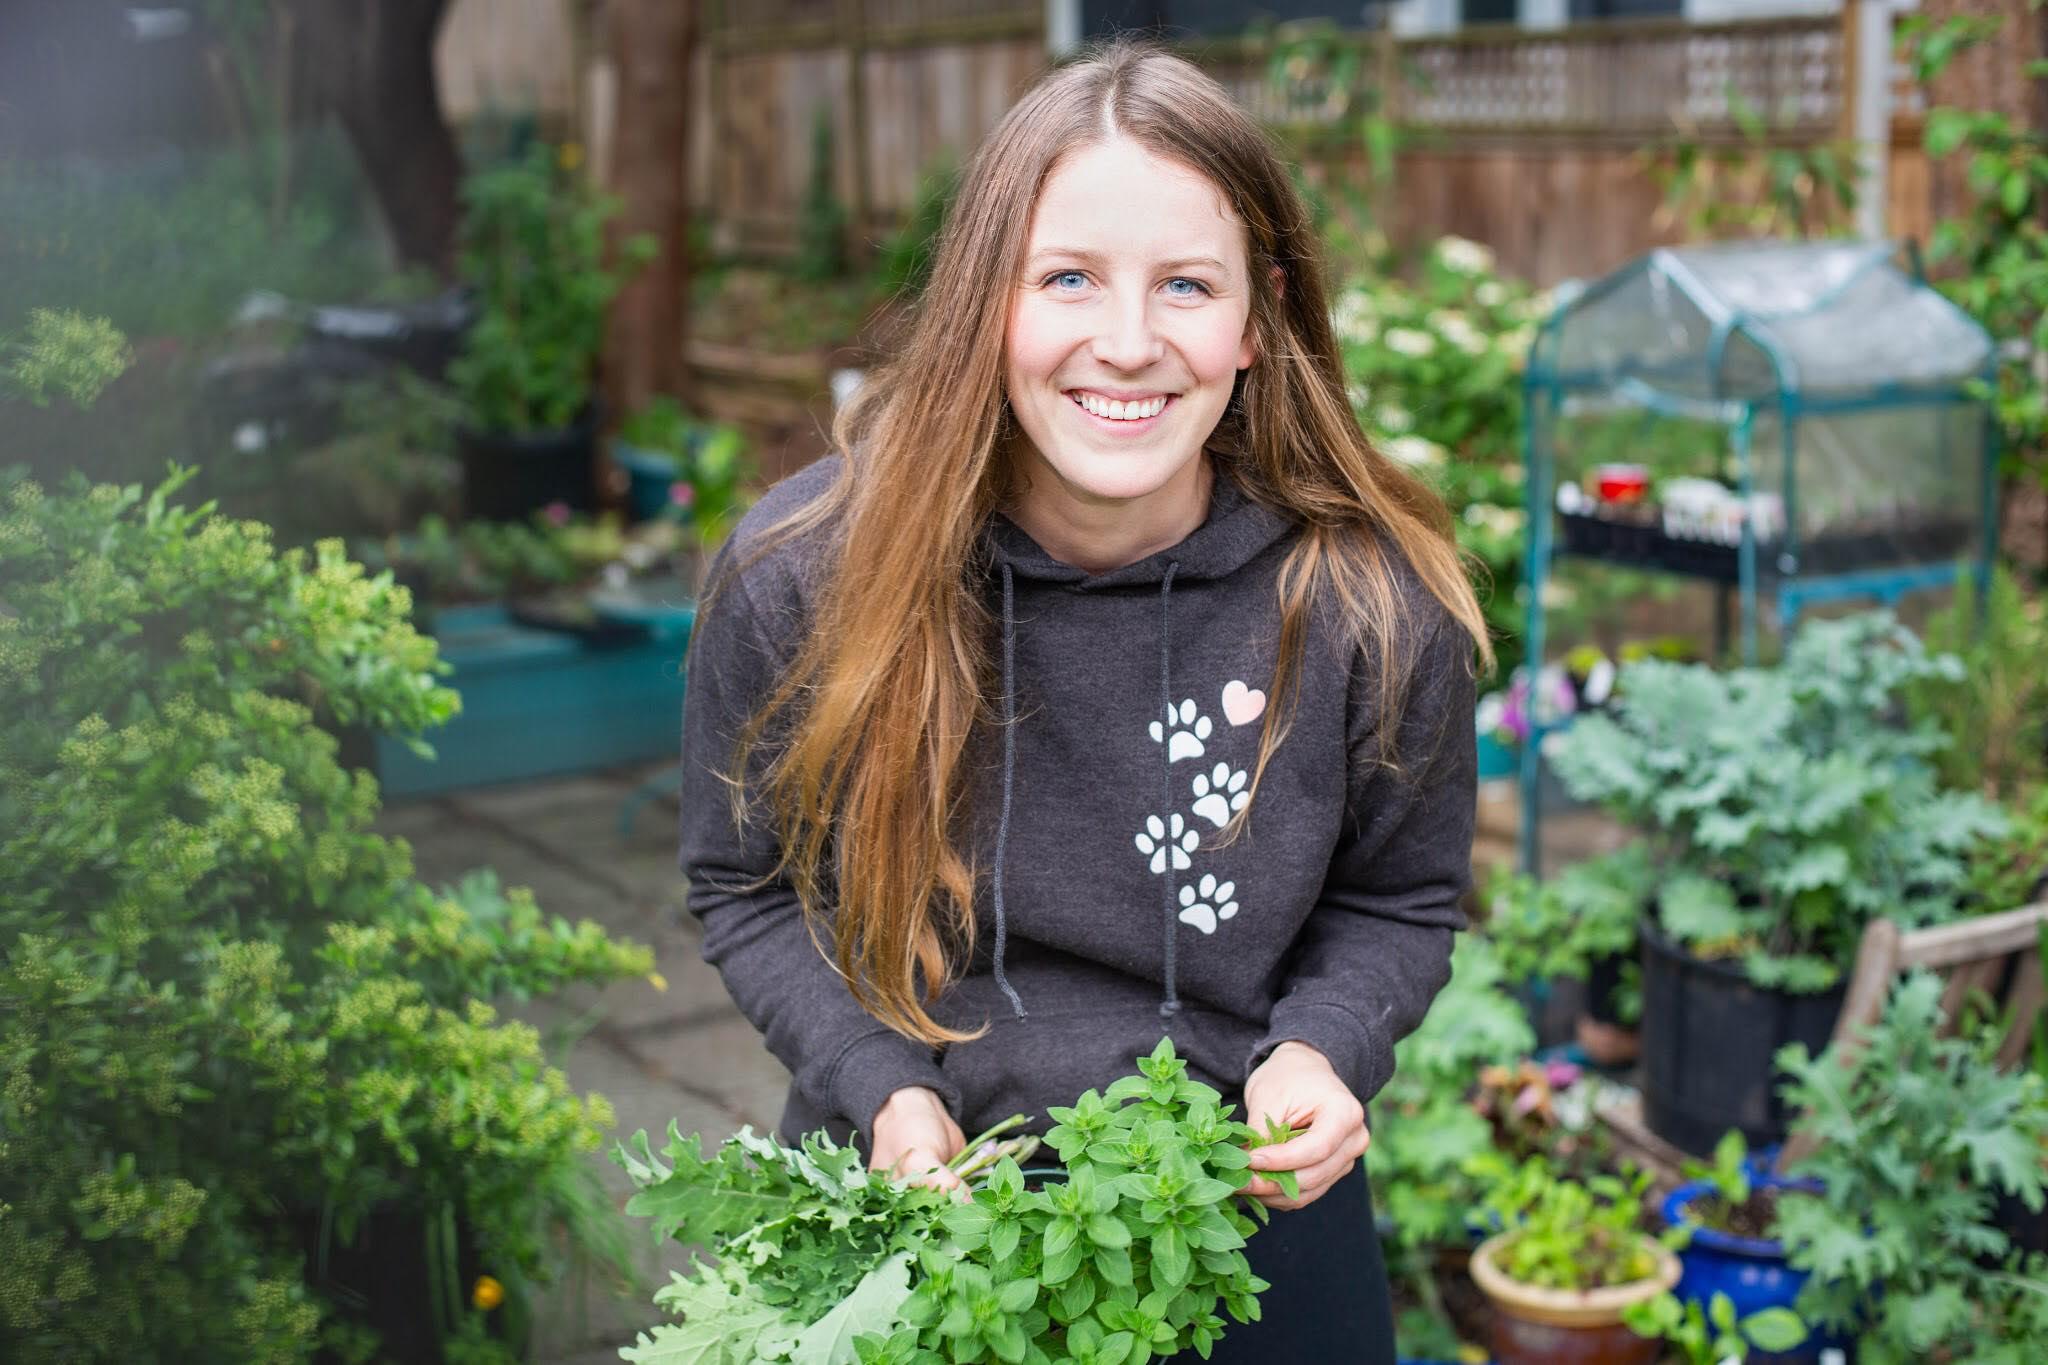 Cô gái xinh đẹp luôn tràn ngập năng lượng hạnh phúc khi trồng cả khu vườn toàn rau quả sạch - Ảnh 1.